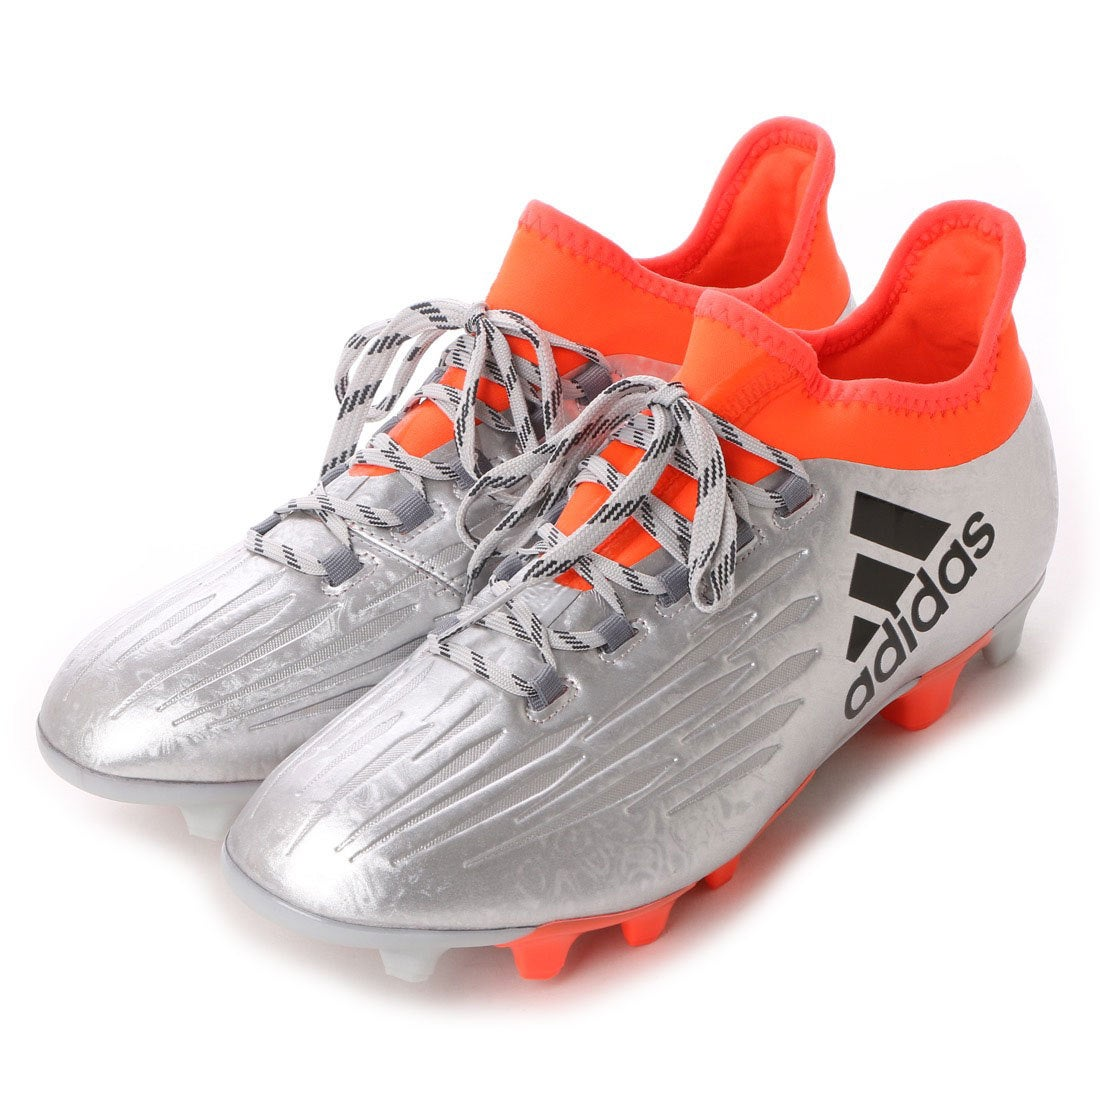 【SALE 32%OFF】アディダス adidas サッカースパイク エックス X 16.2 ジャパン HG S79545 3259